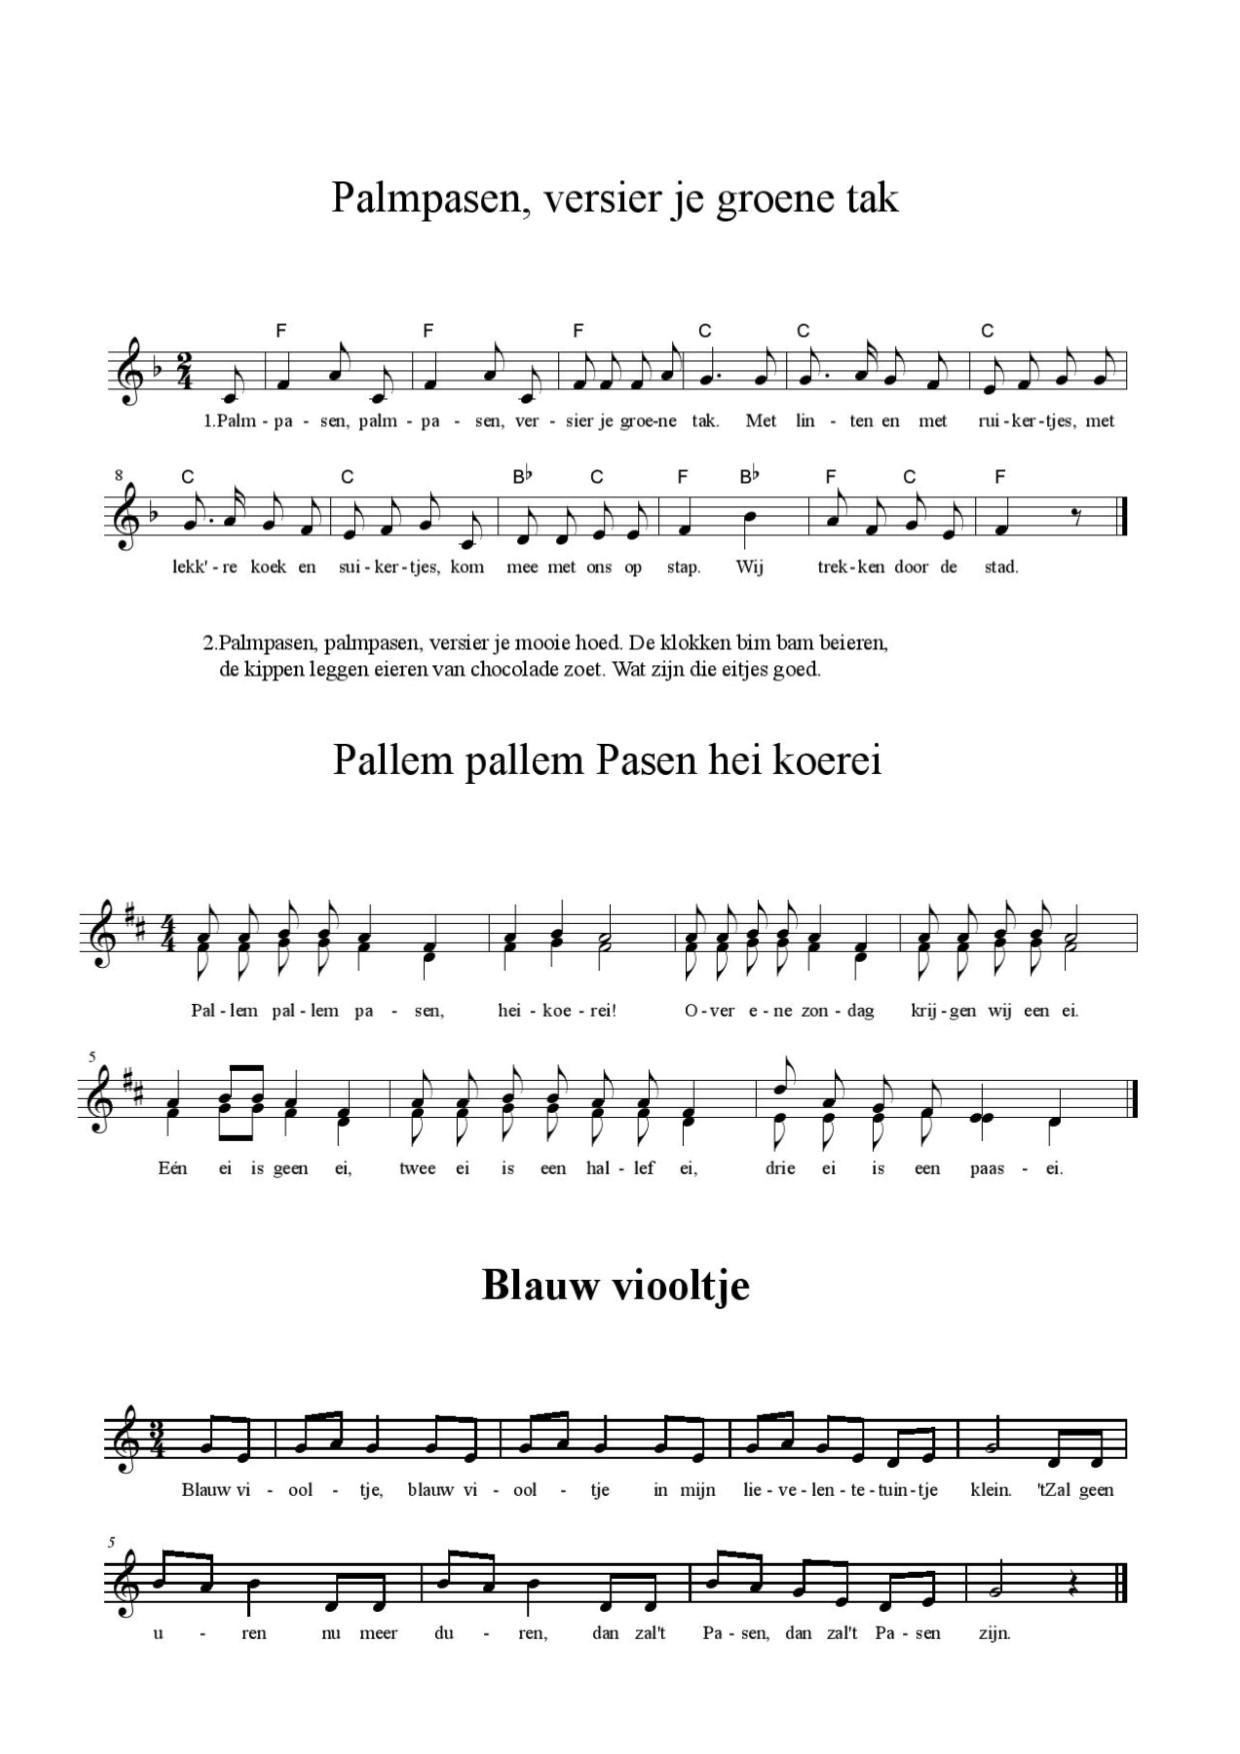 palmpasen liedjes